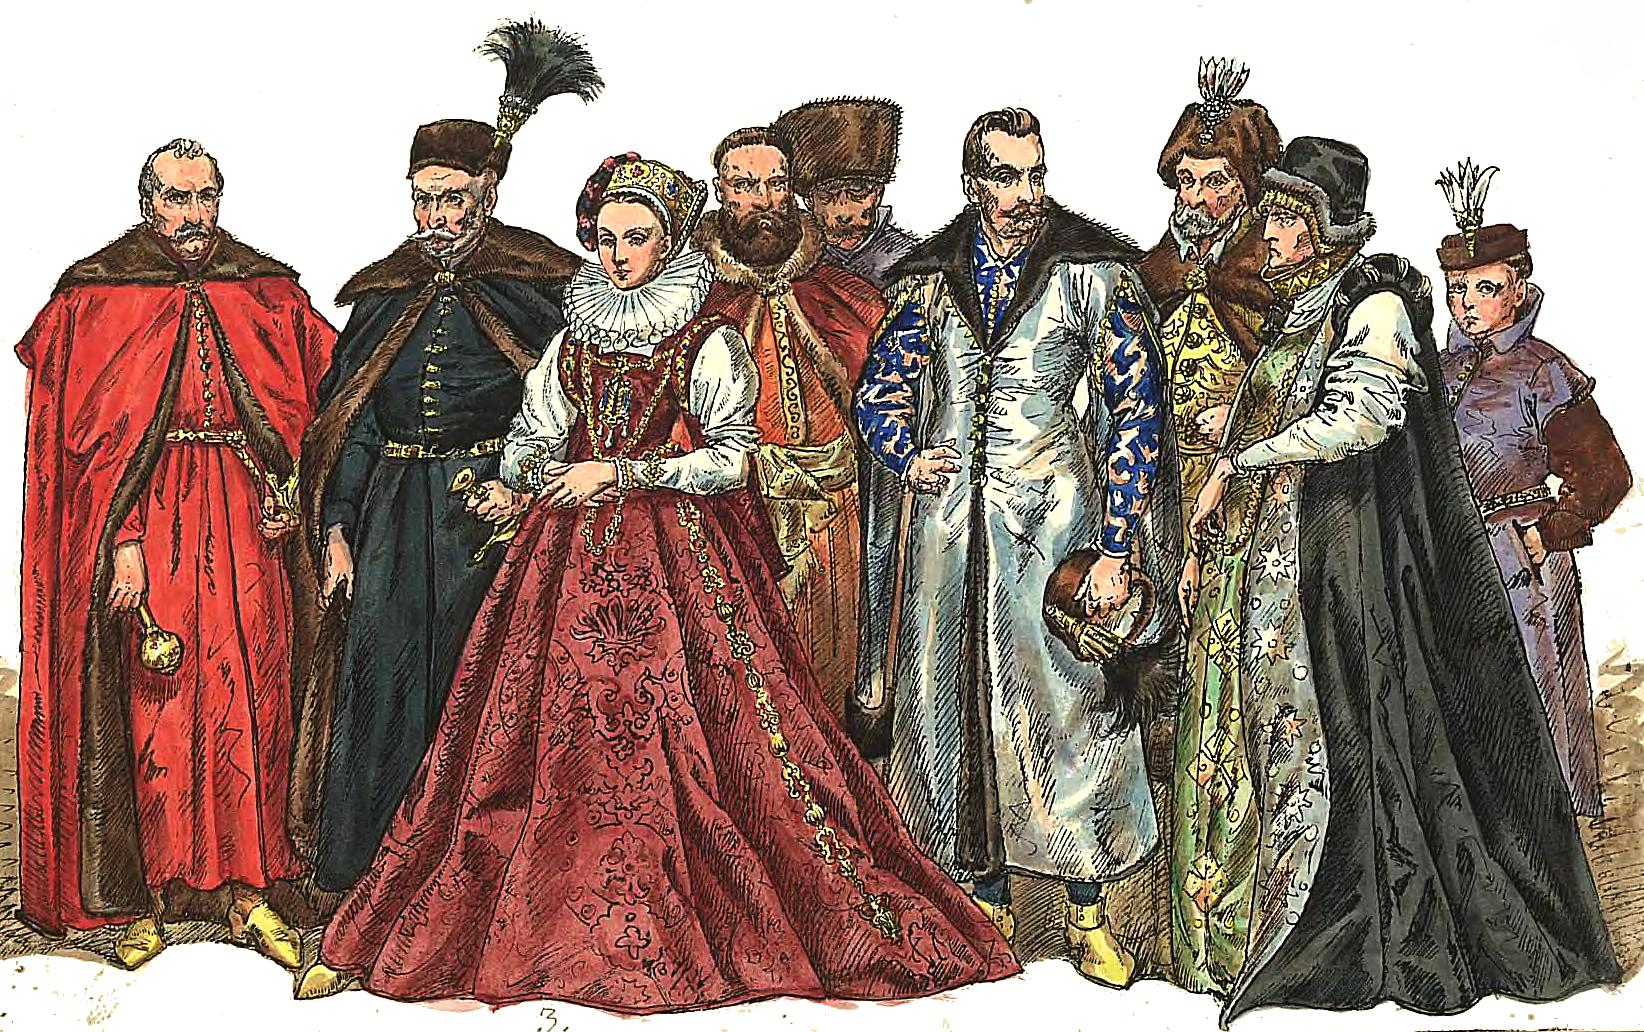 Polscy szlachcice z XVI wieku